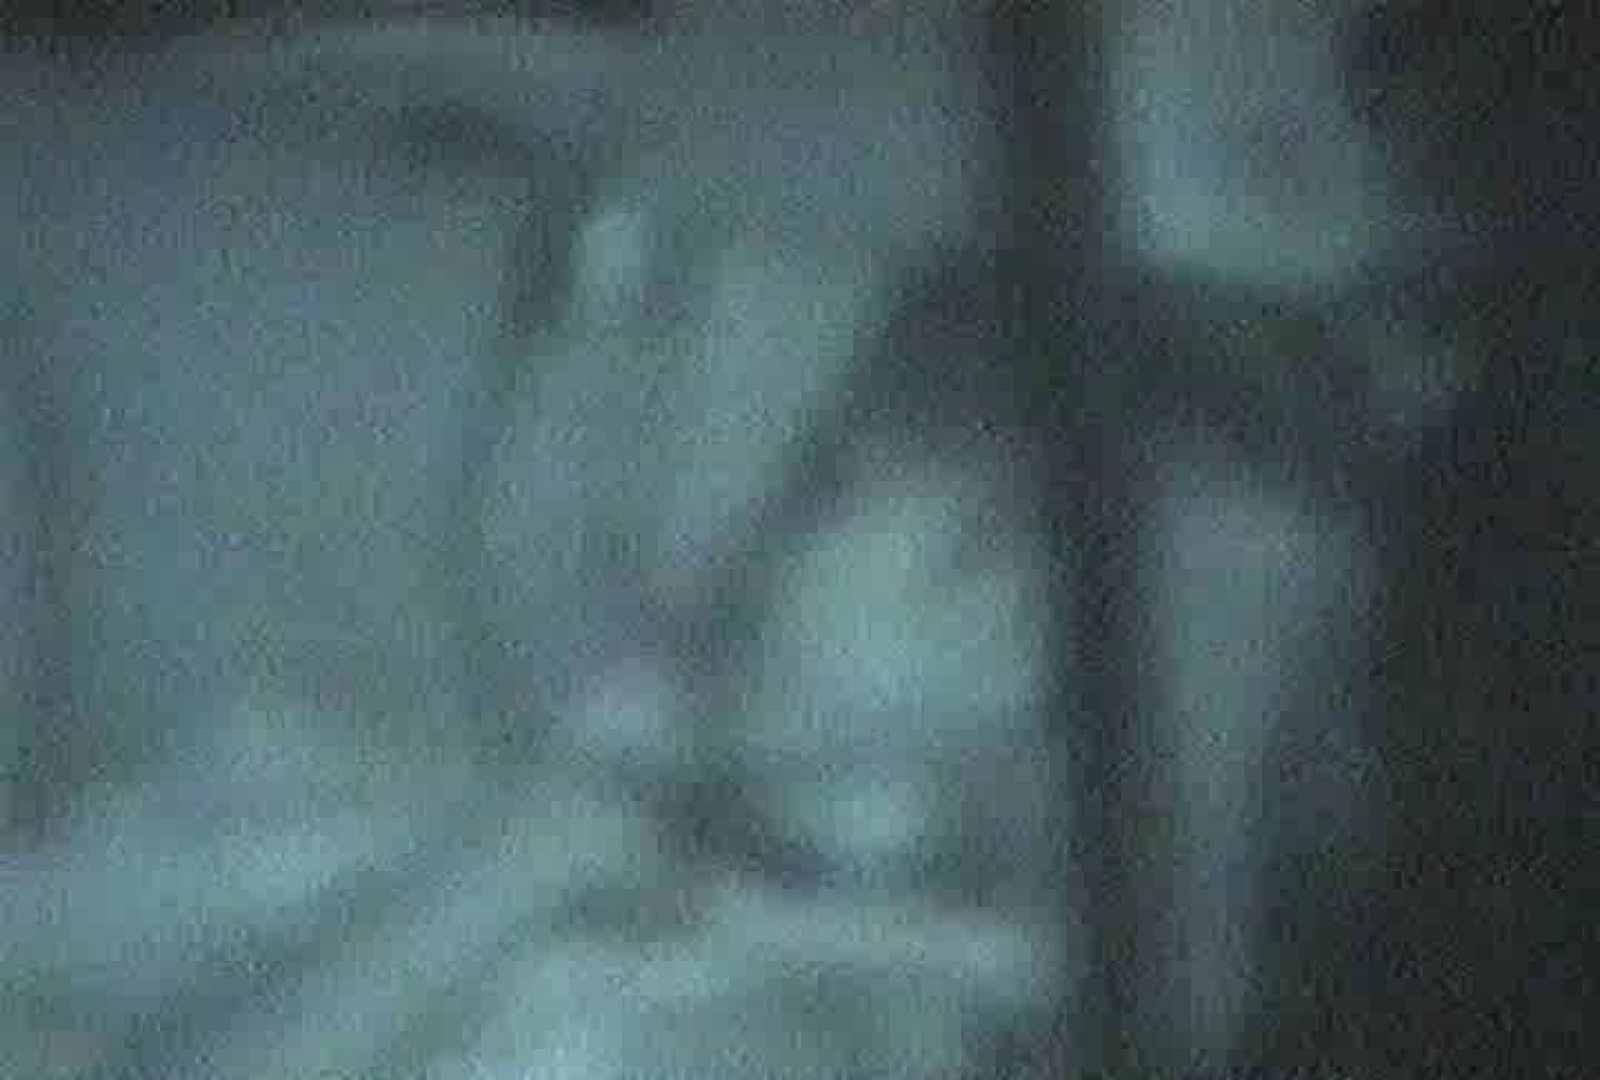 充血監督の深夜の運動会Vol.111 小悪魔ギャル オマンコ無修正動画無料 82連発 79